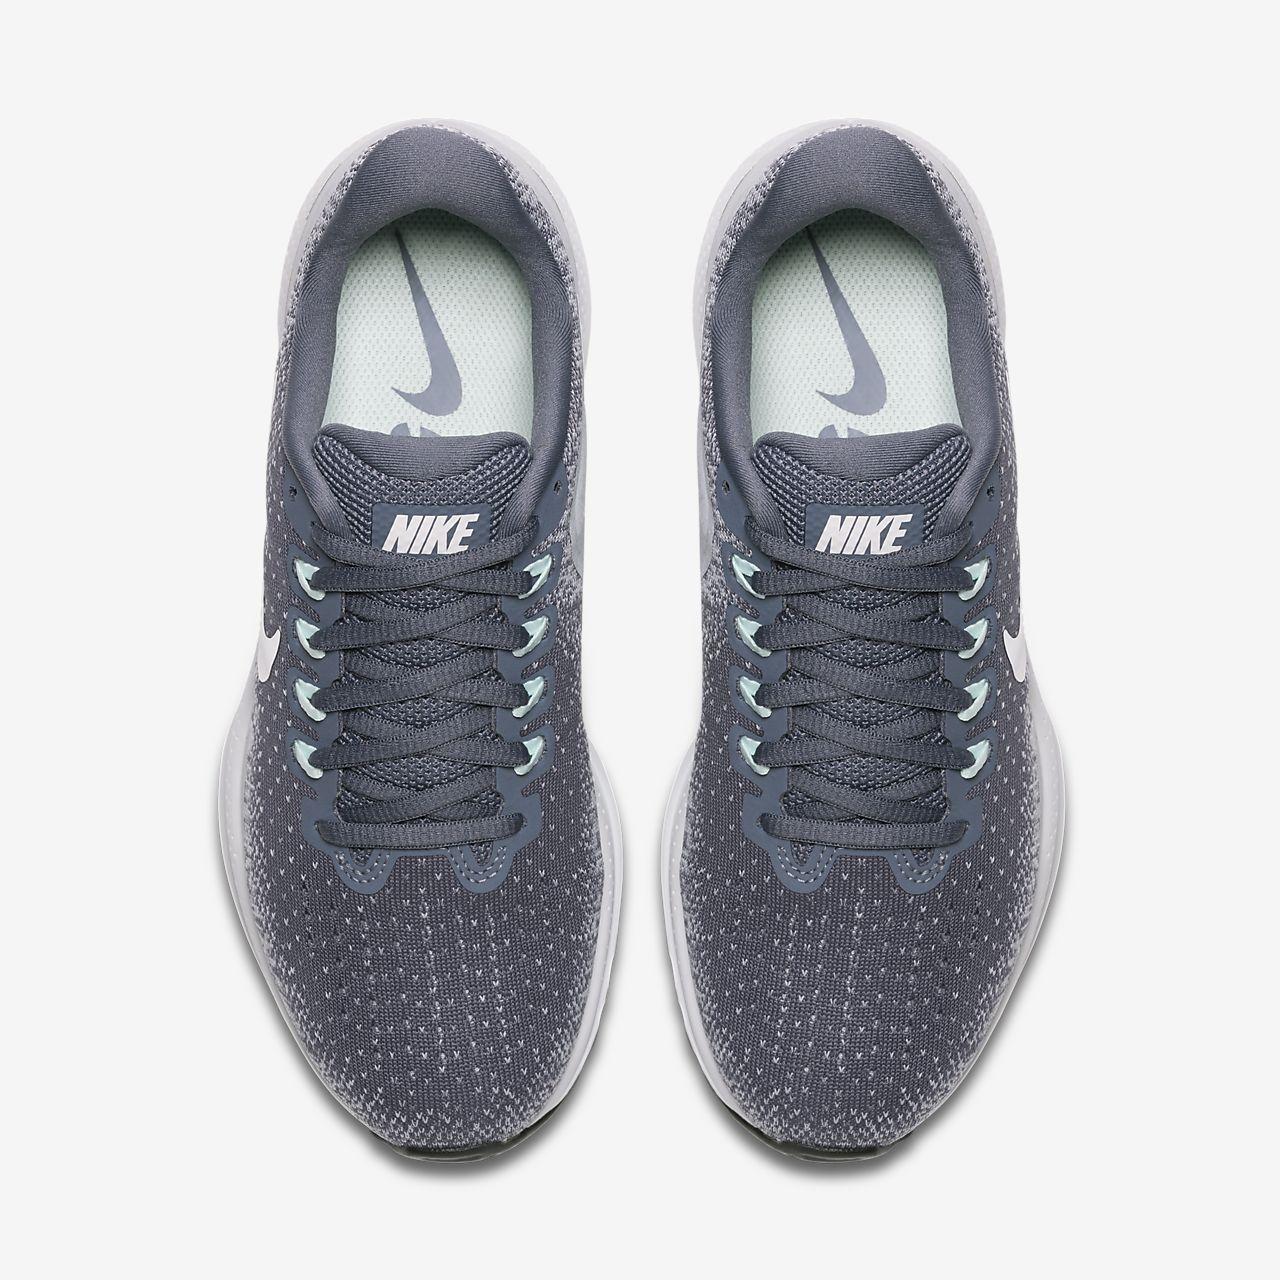 6177ddad0e5ed Calzado de running para mujer Nike Air Zoom Vomero 13. Nike.com MX